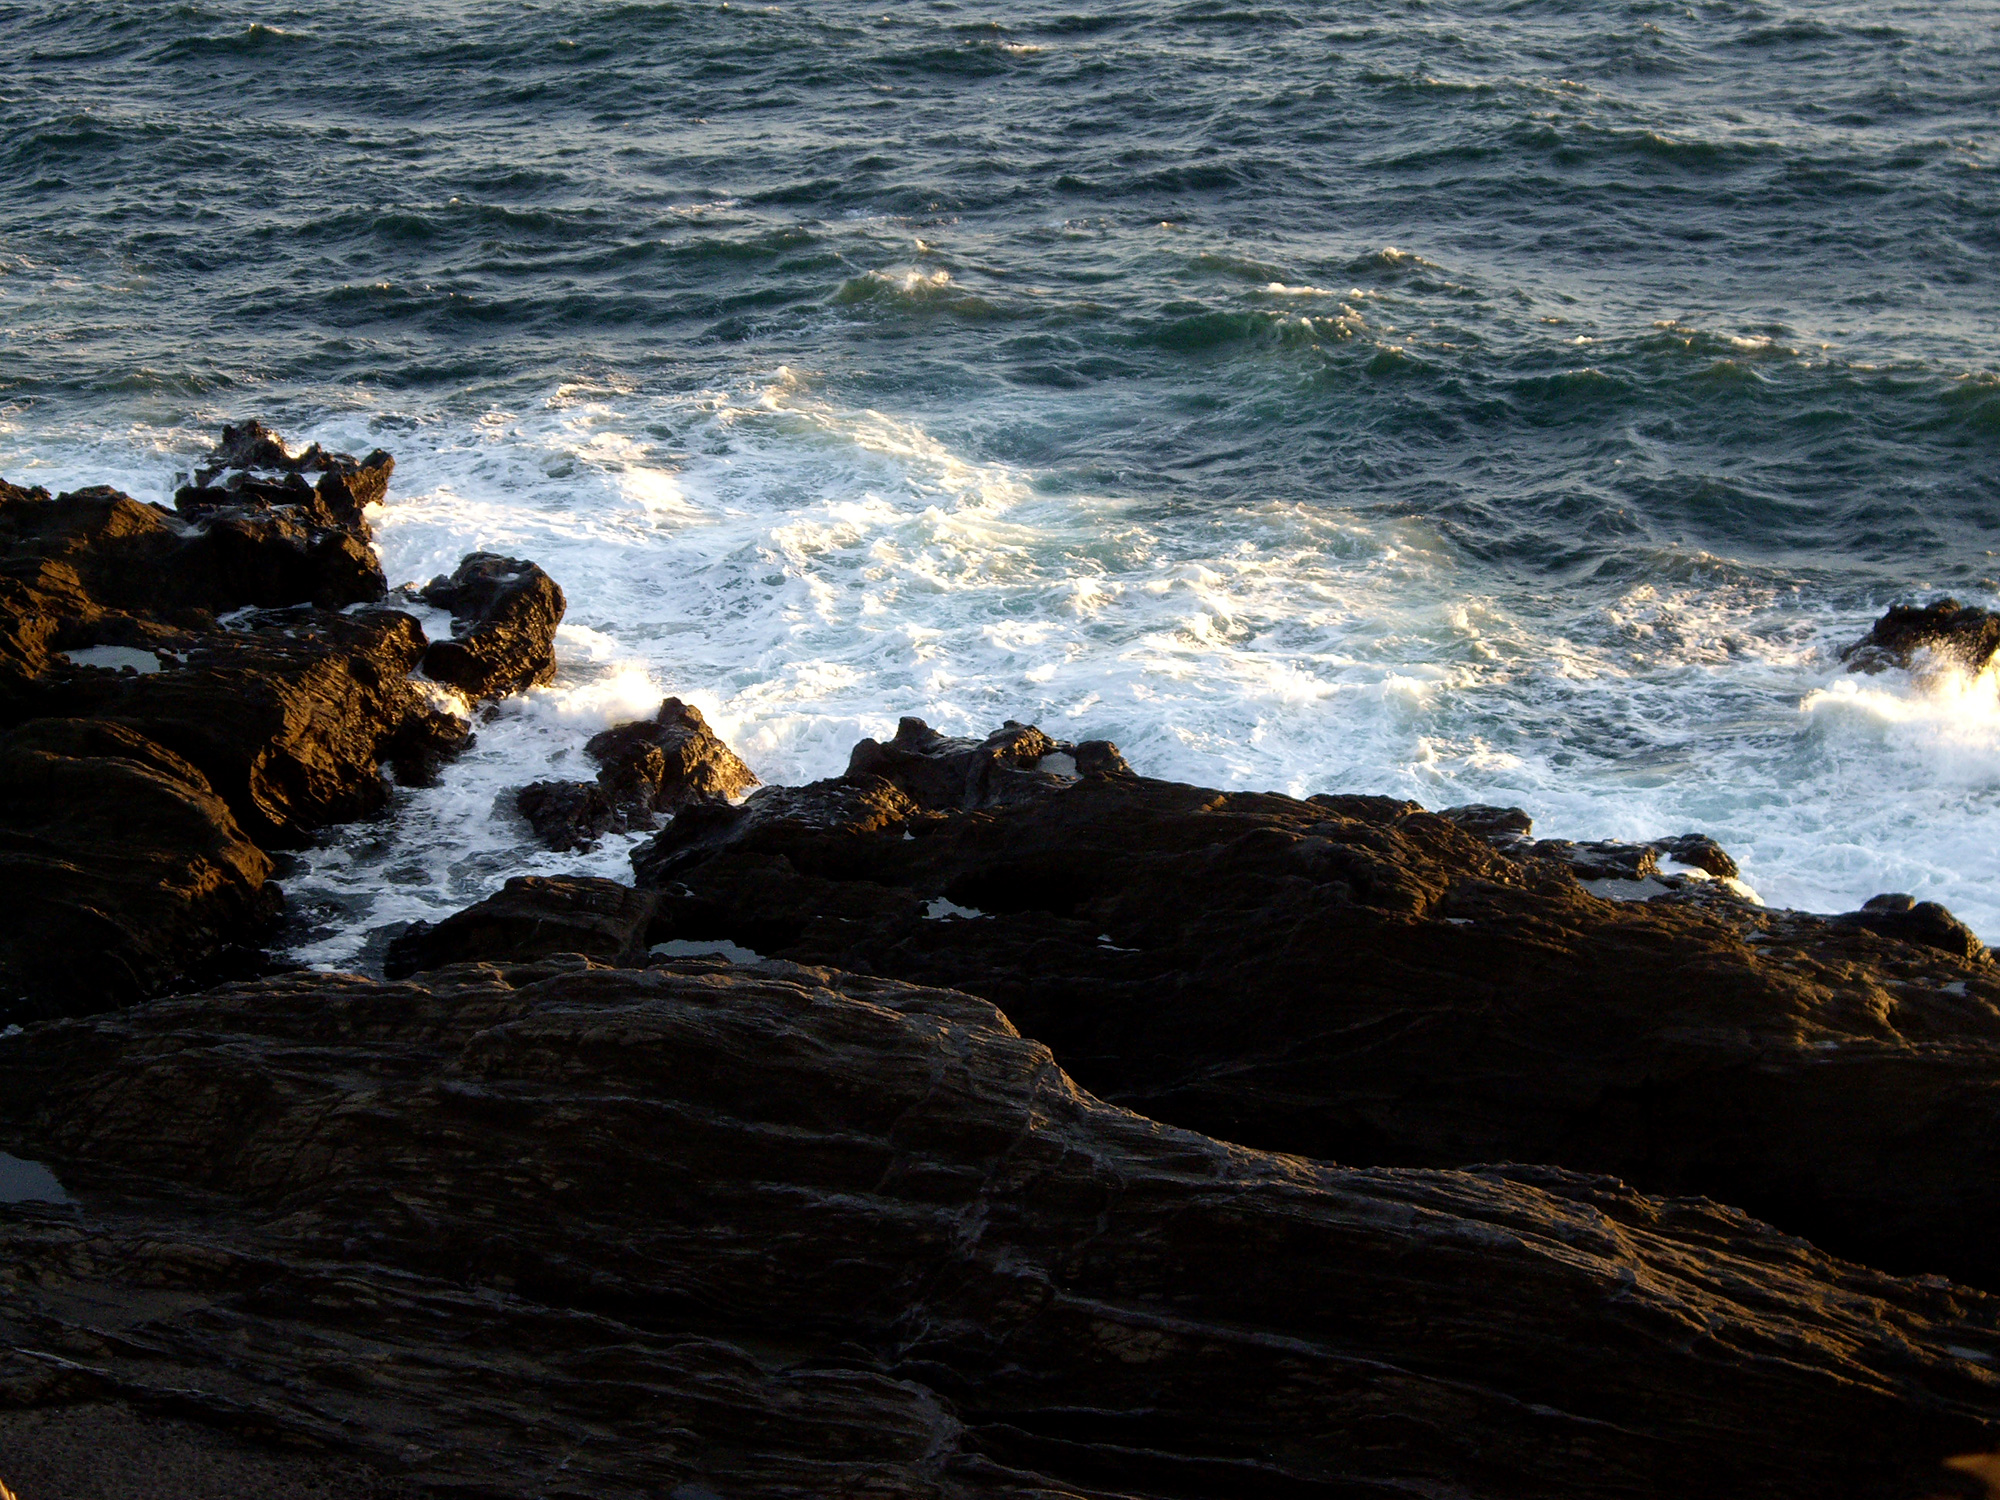 波の荒い岩場の写真の無料素材